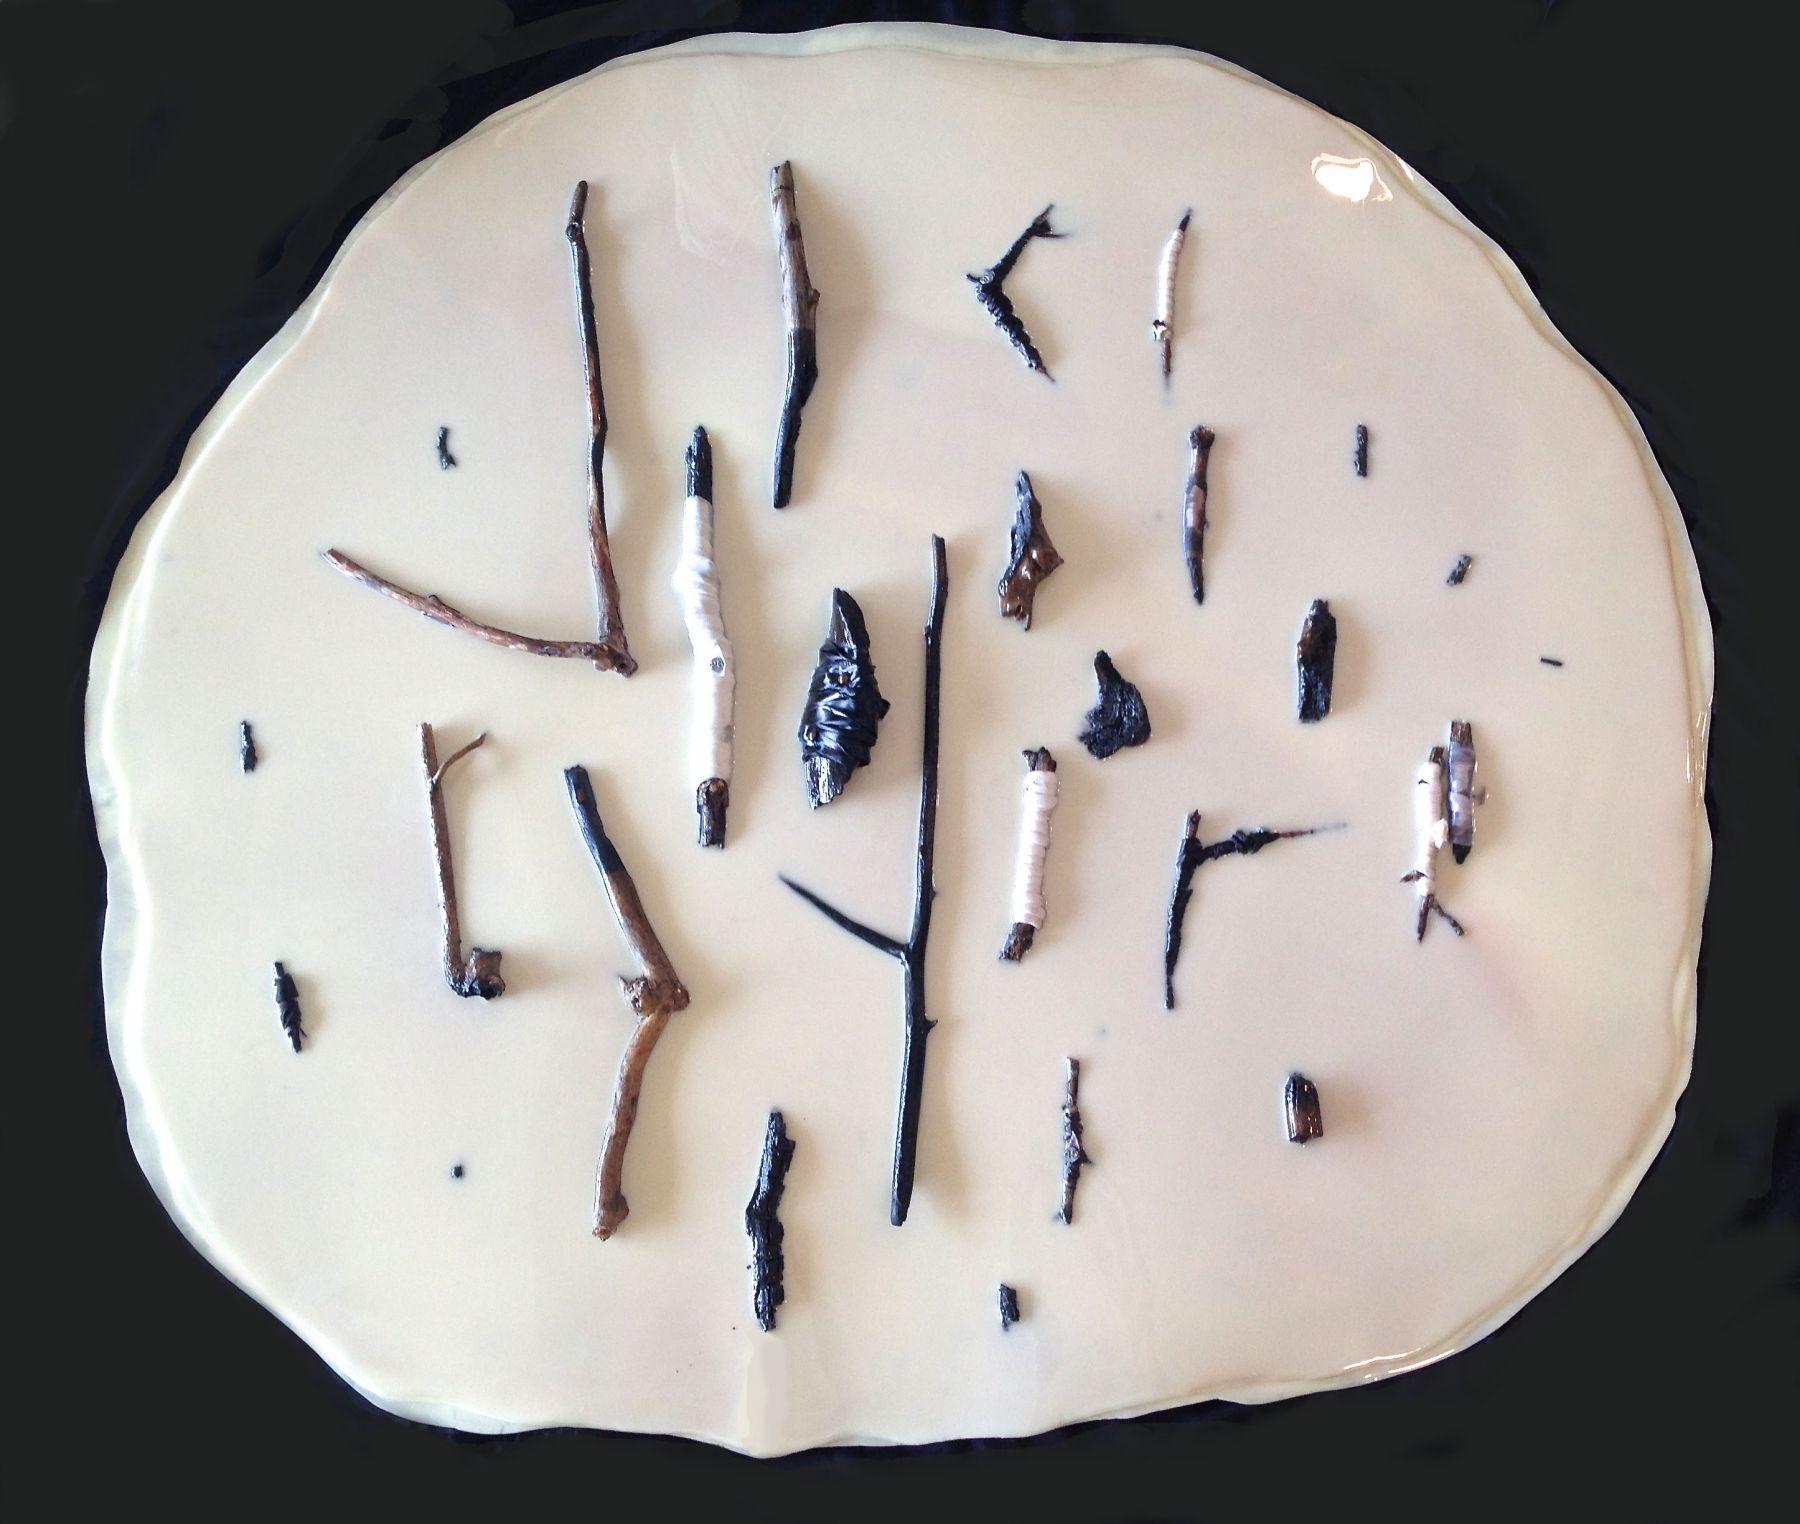 """Vadis Turner,Artifacts,breast milk, resin, charred sticks, ribbon, tacks, 54"""" x 54"""", 2016"""